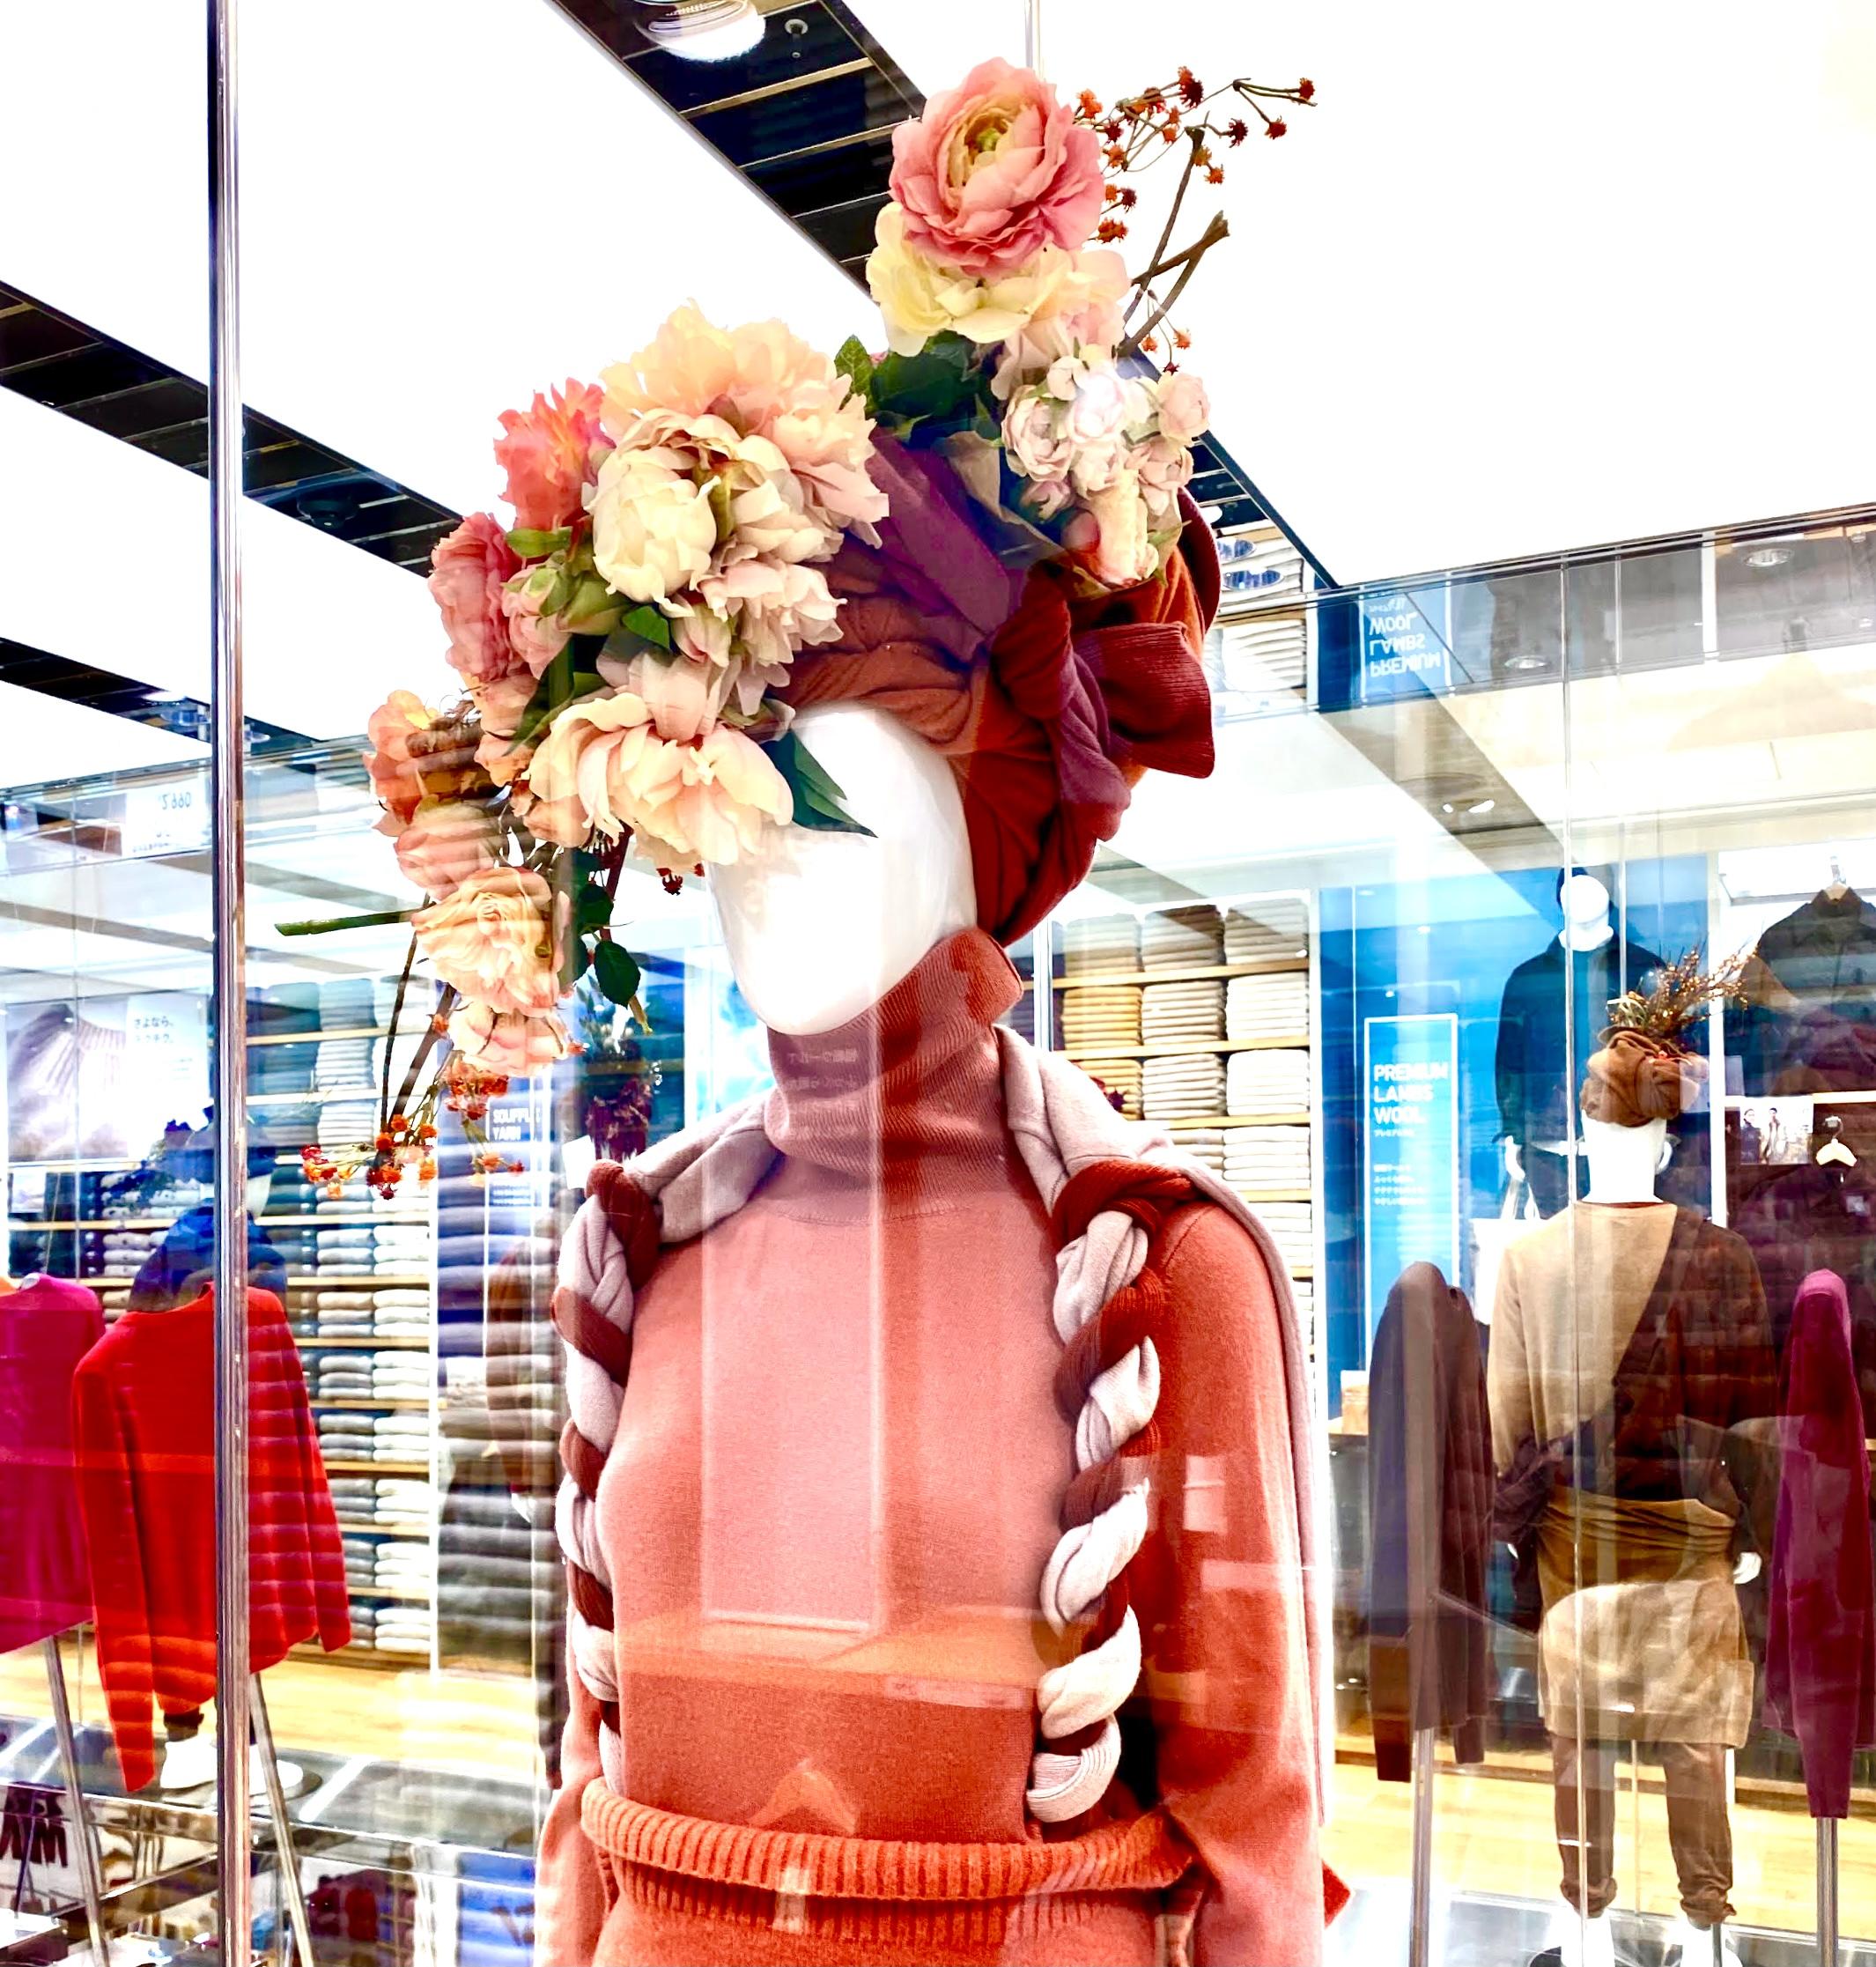 ユニクロ銀座店のニットと花を使ったインスタレーション